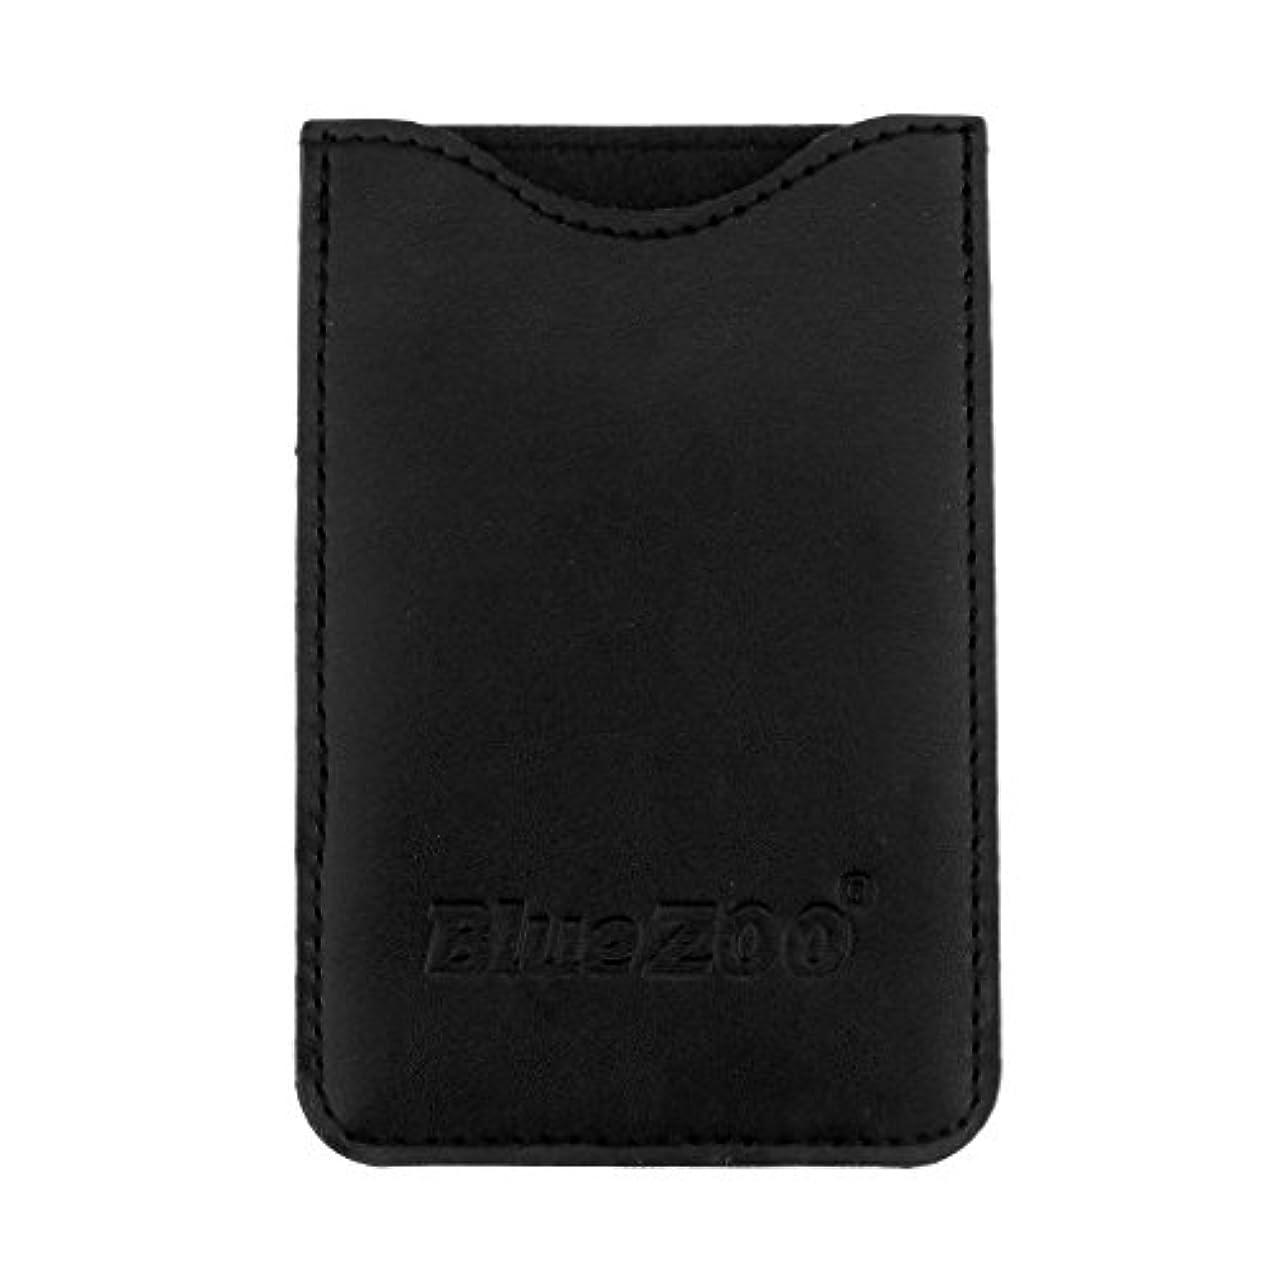 しない遮る上昇PUレザー櫛バッグポケットオーガナイザー収納保護カバーケースパック - ブラック